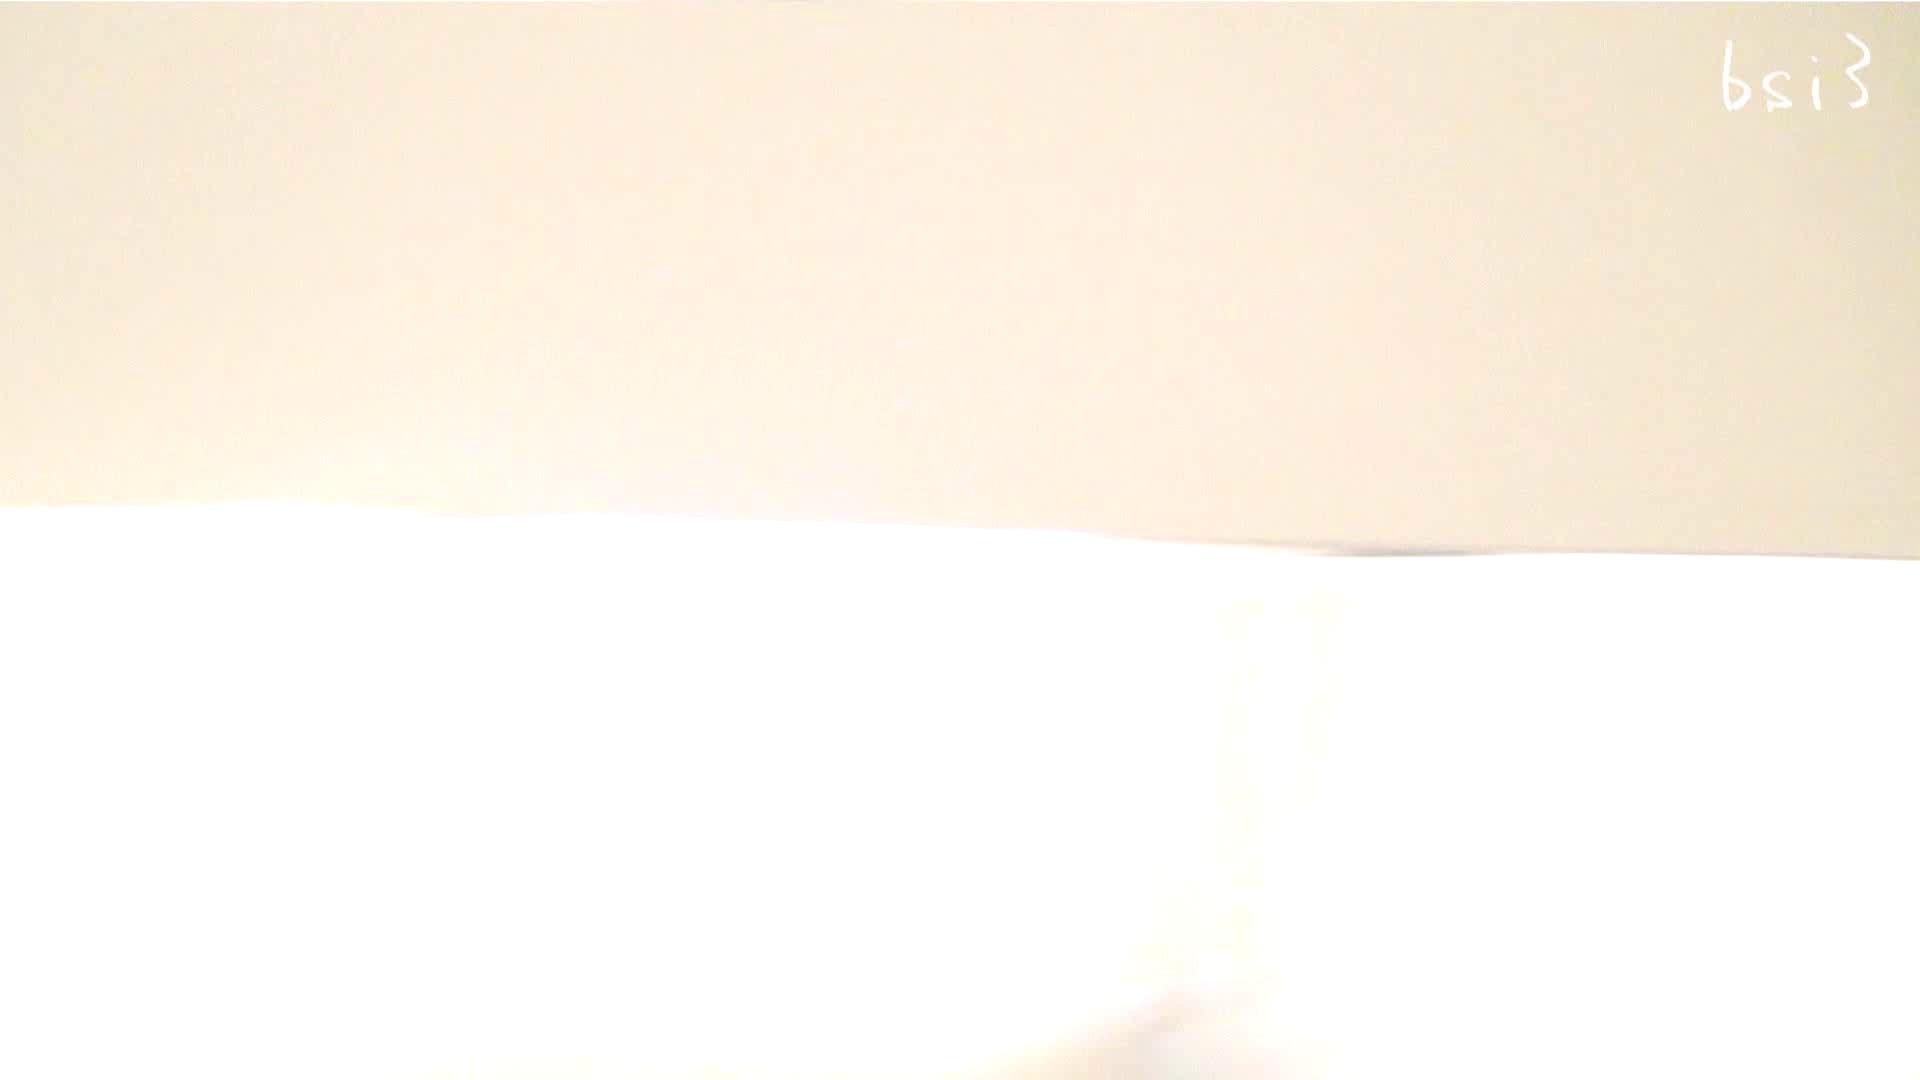 ナースのお小水 vol.003 OLのエロ生活 われめAV動画紹介 101連発 50